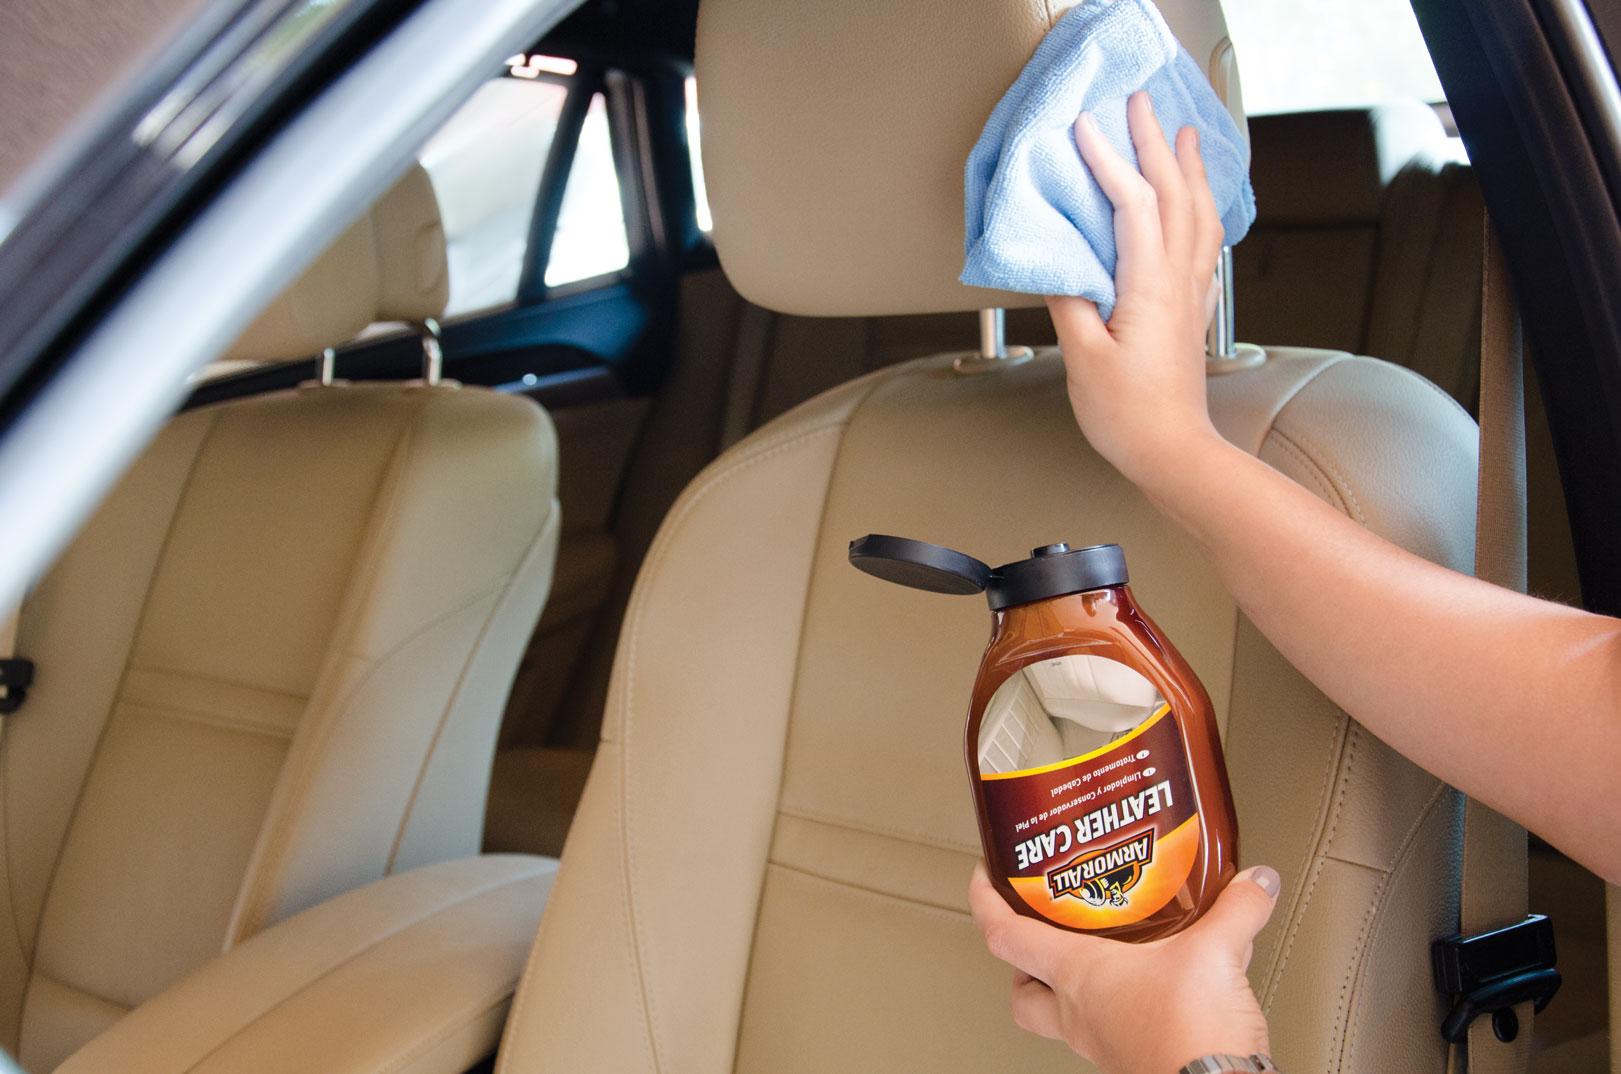 Productos para limpiar la tapiceria de cuero del coche